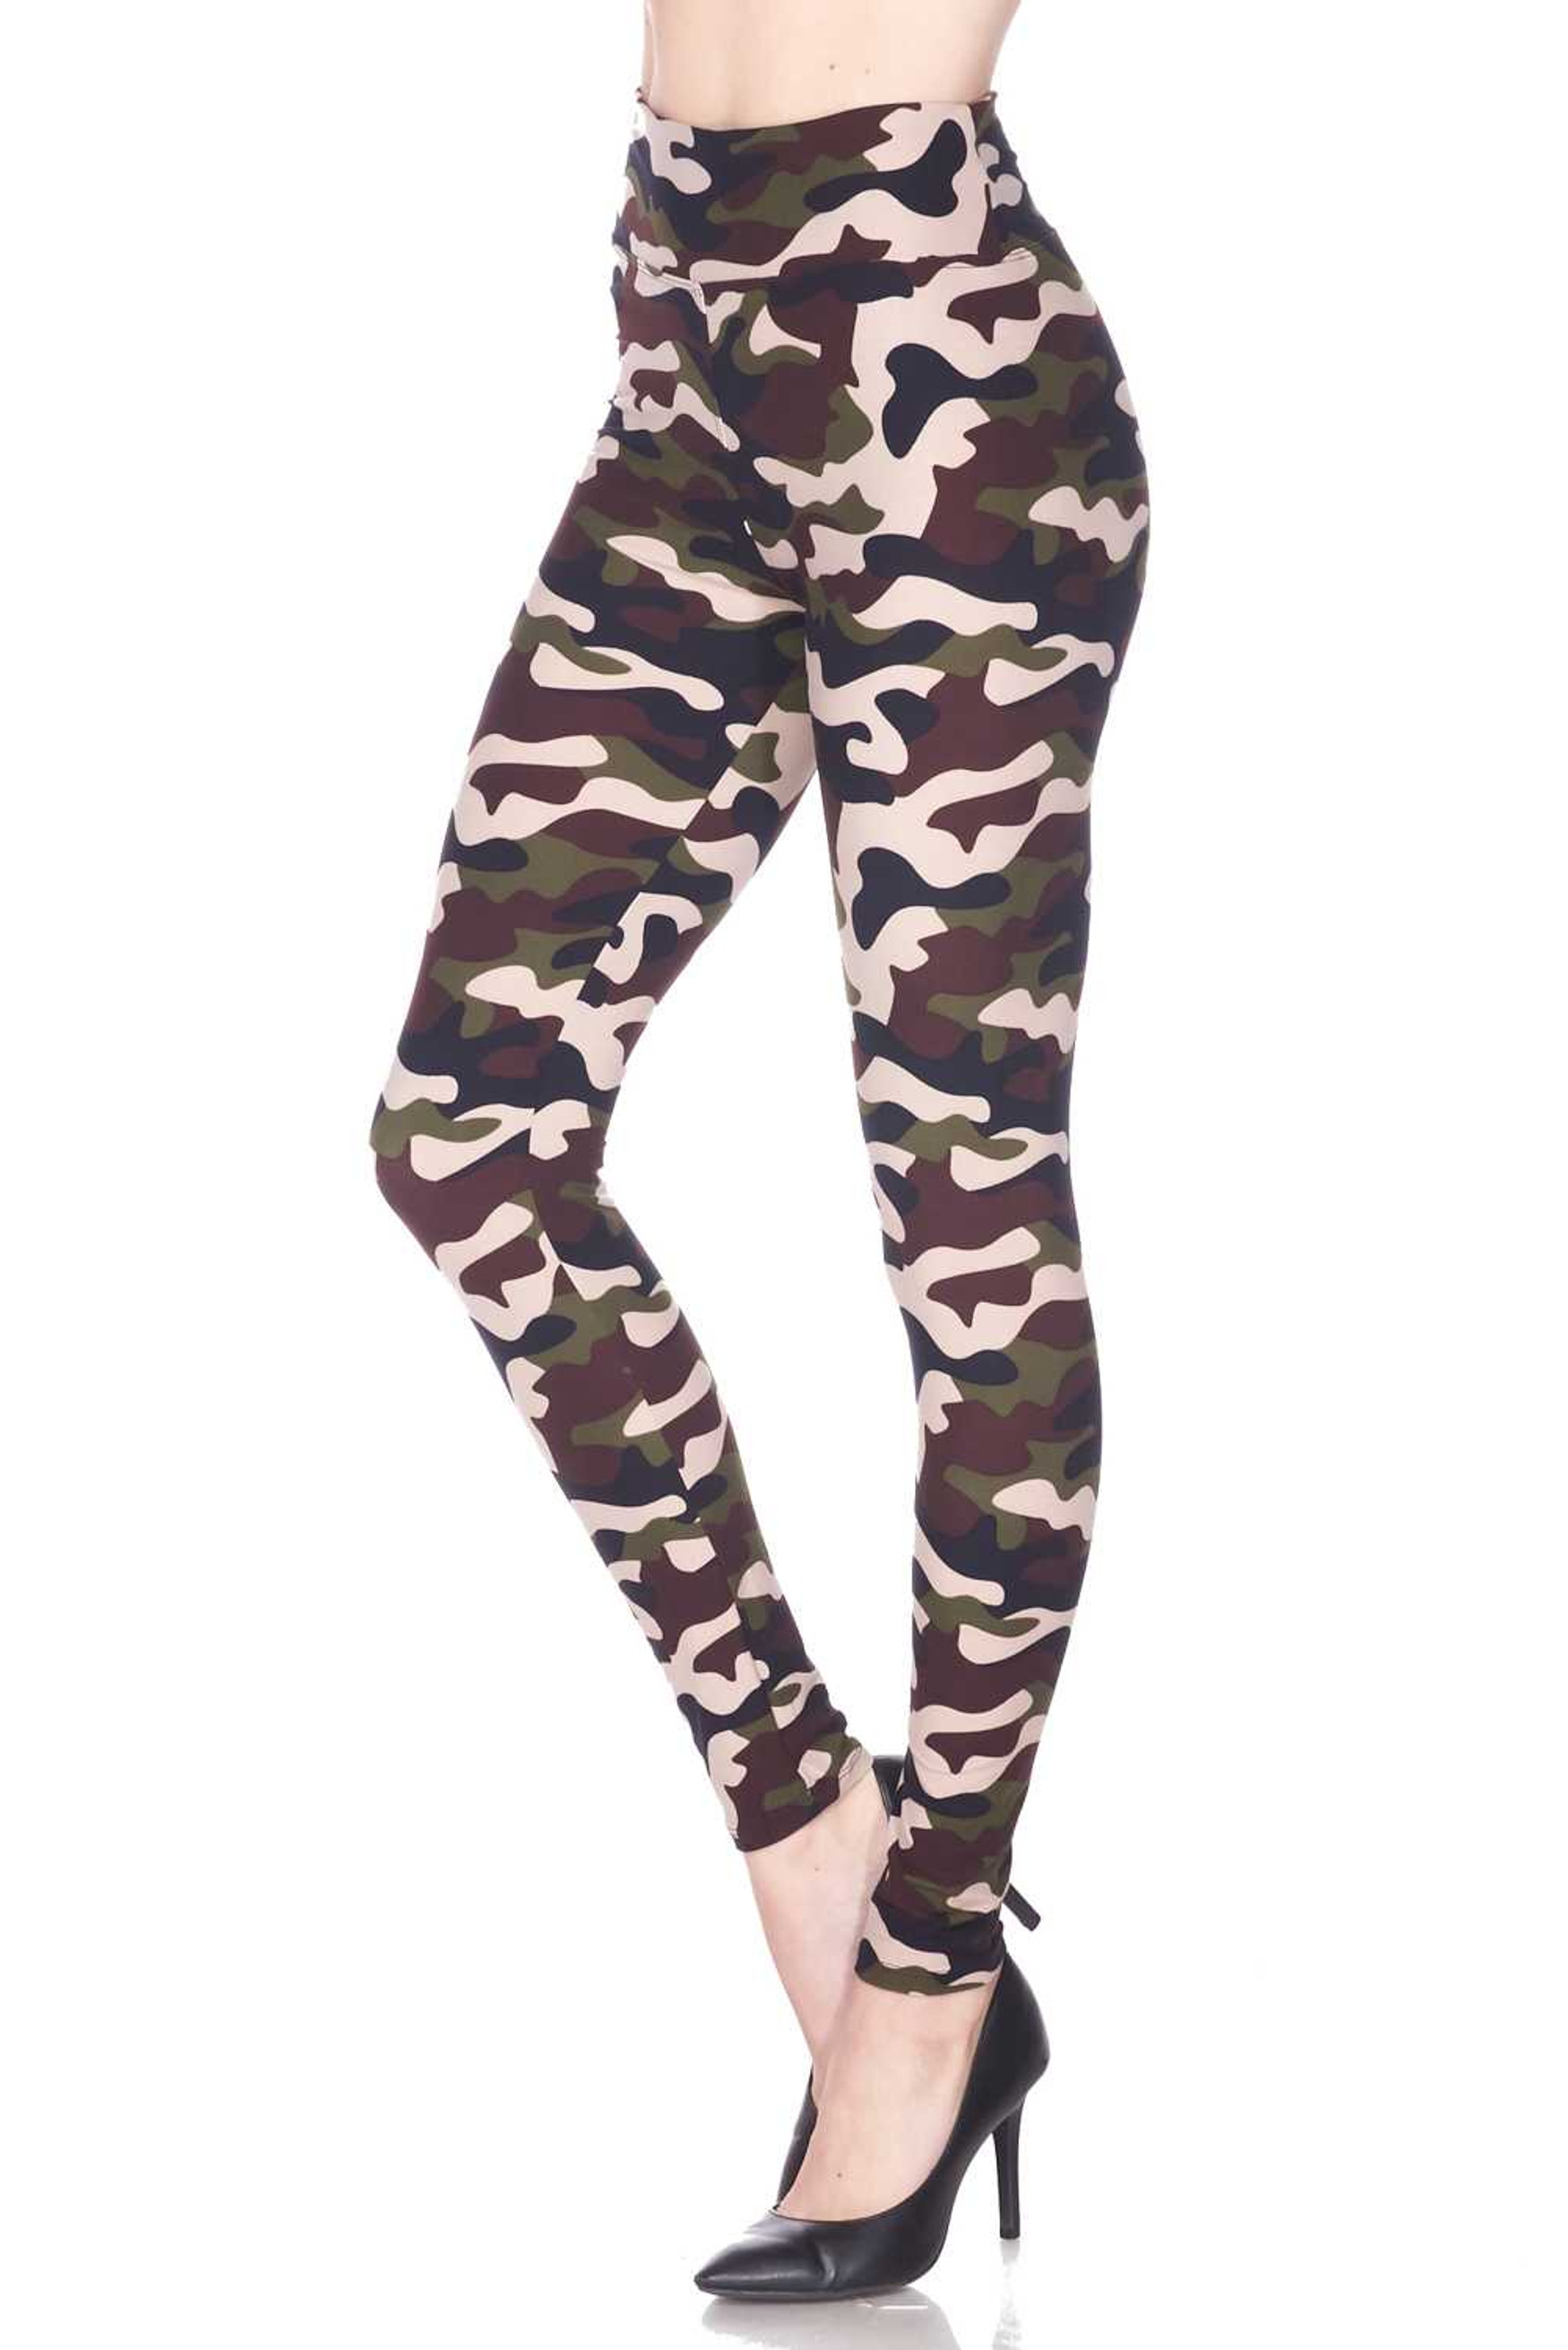 Brushed Flirty Camouflage High Waist Leggings